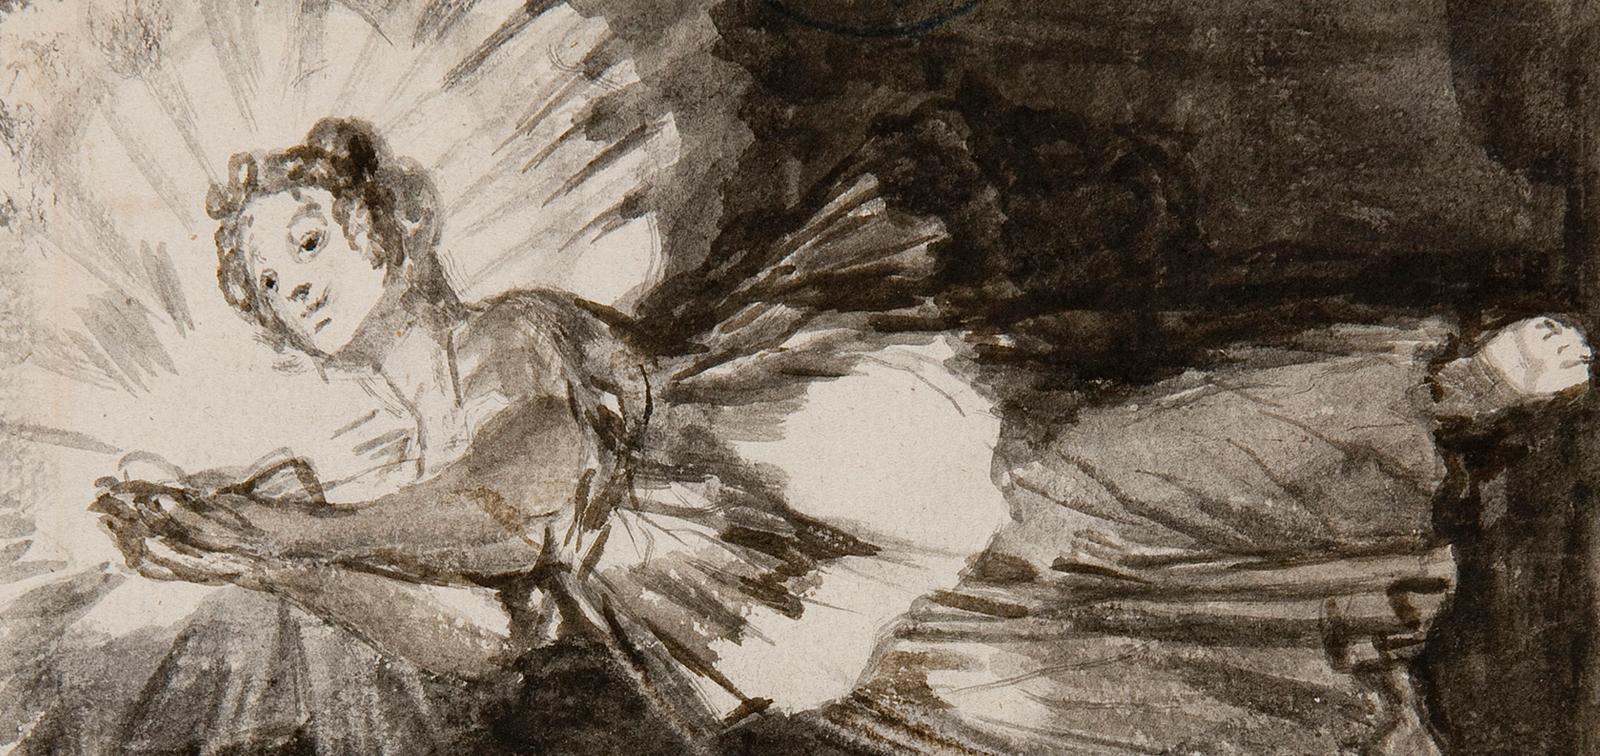 Instalación temporal: El pensamiento constitucional en la obra de Goya